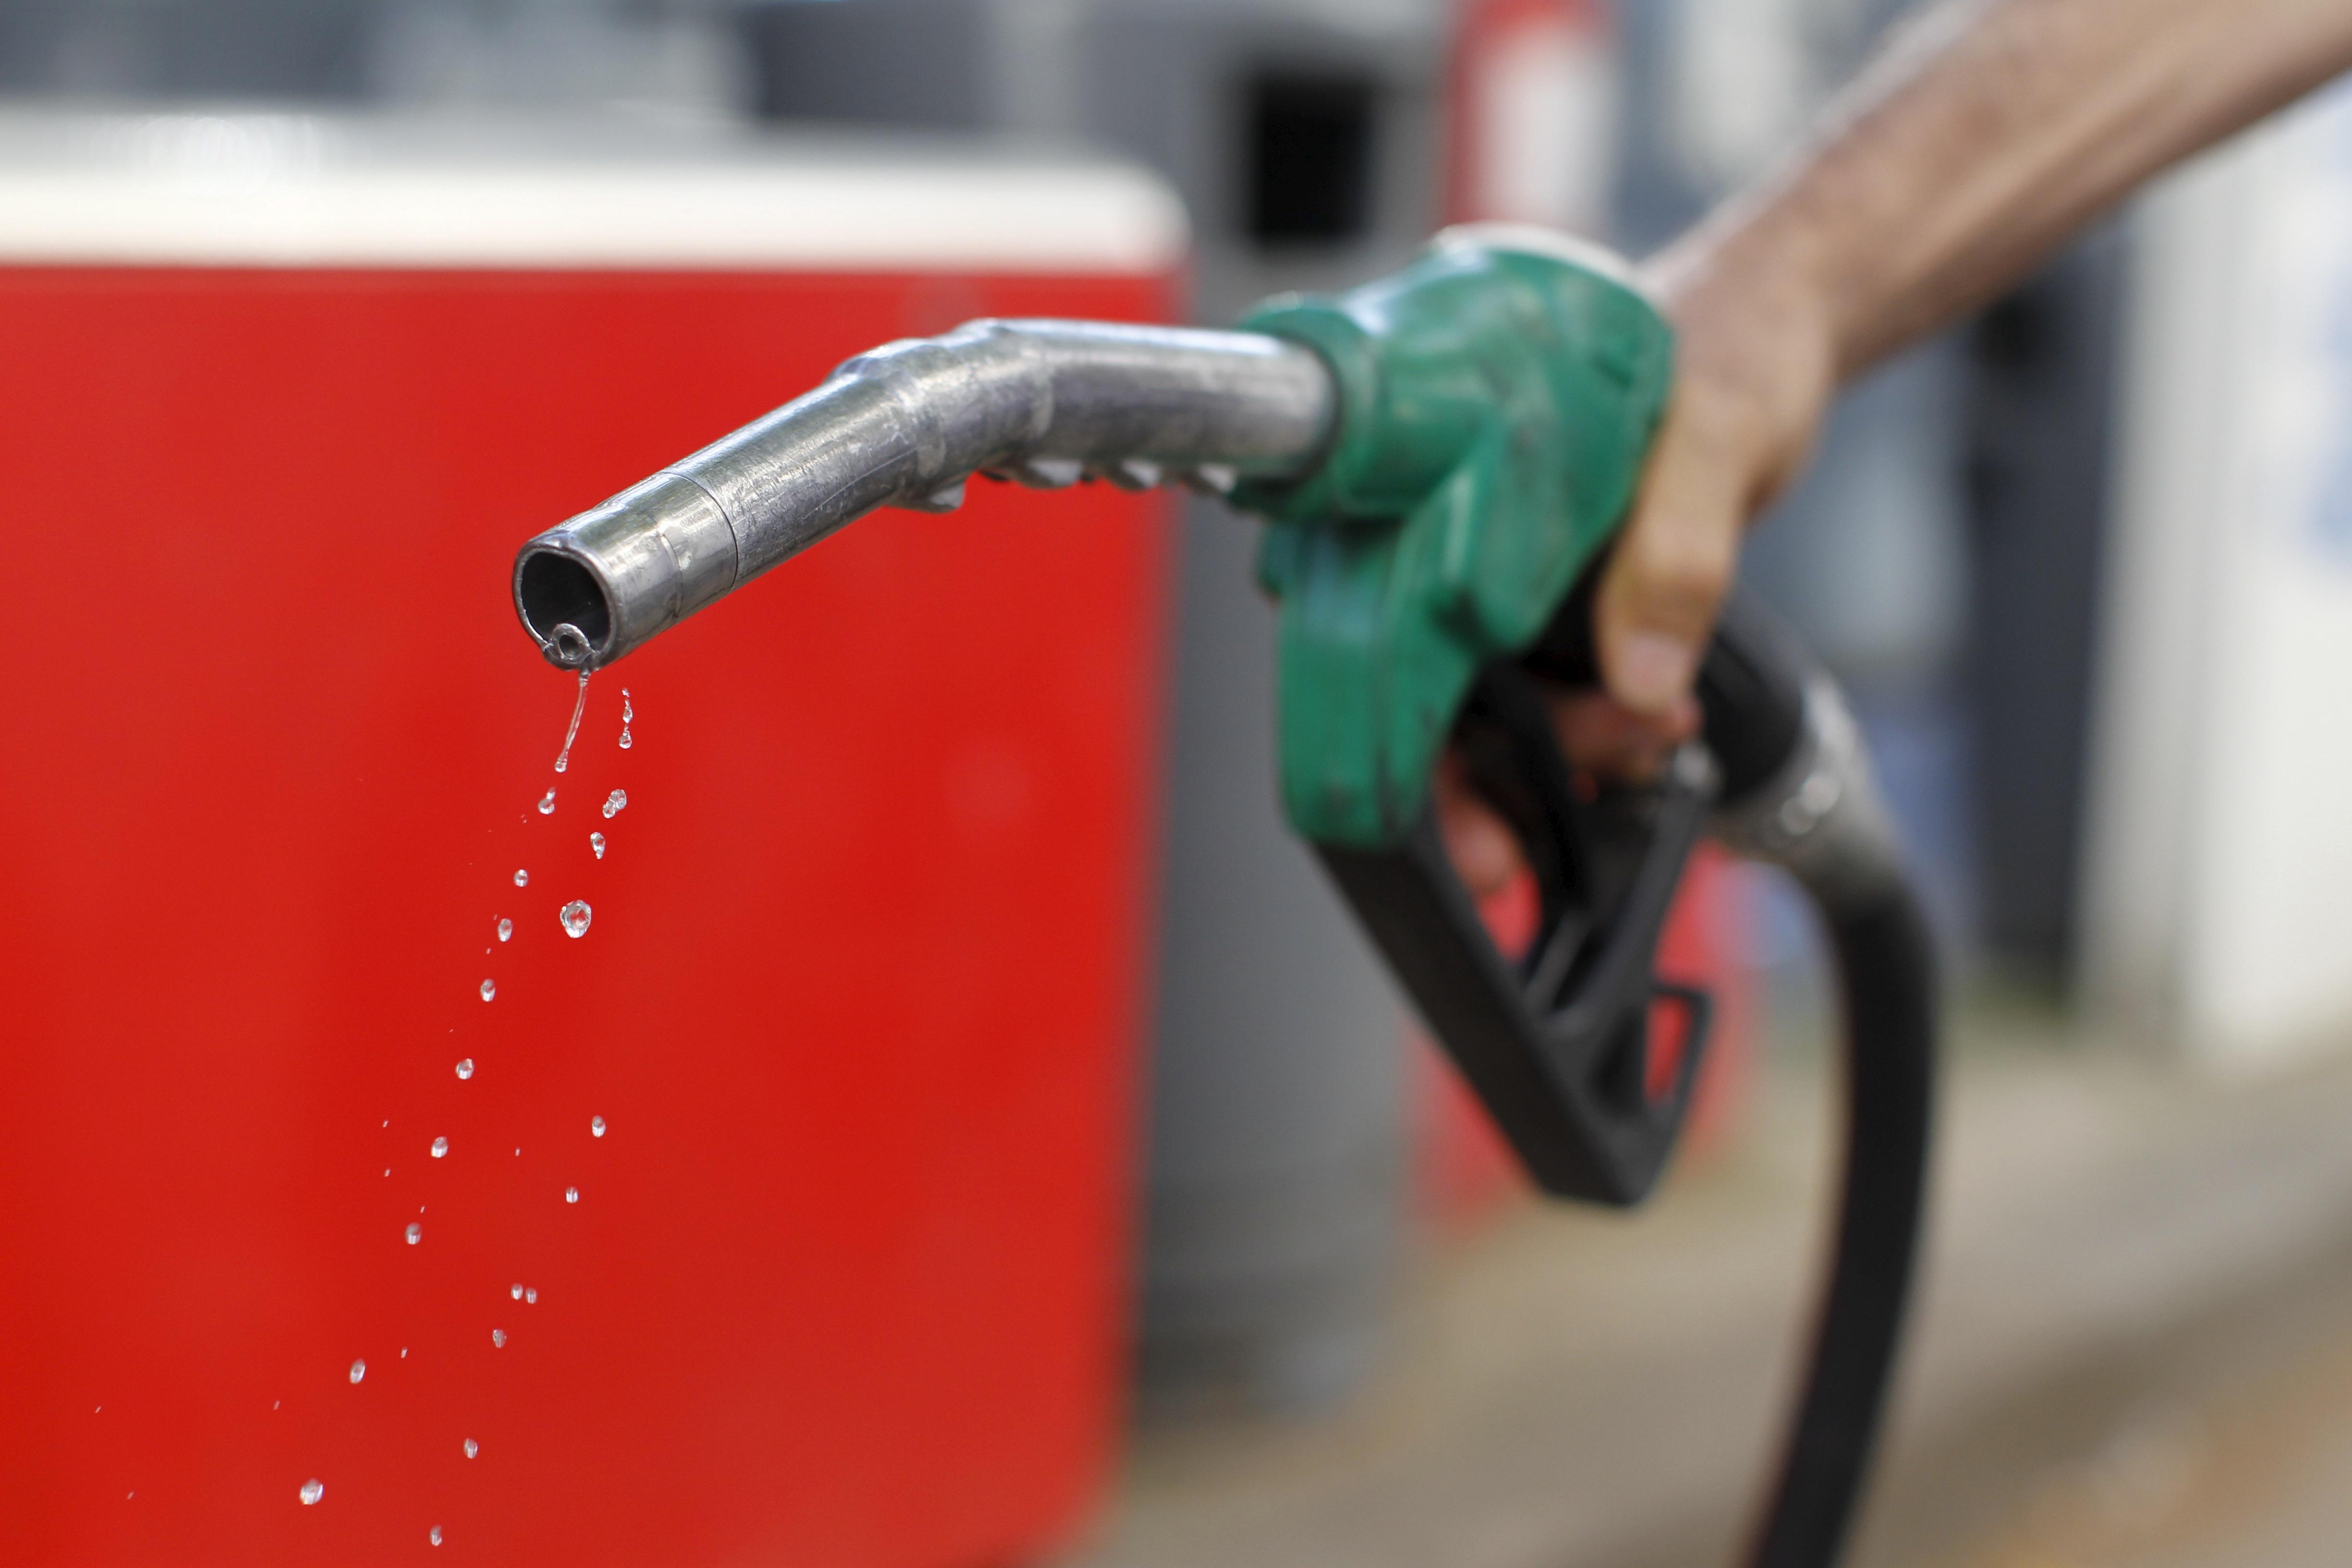 Intermarche Devrait Vendre Son Carburant A Prix Coutant En Octobre